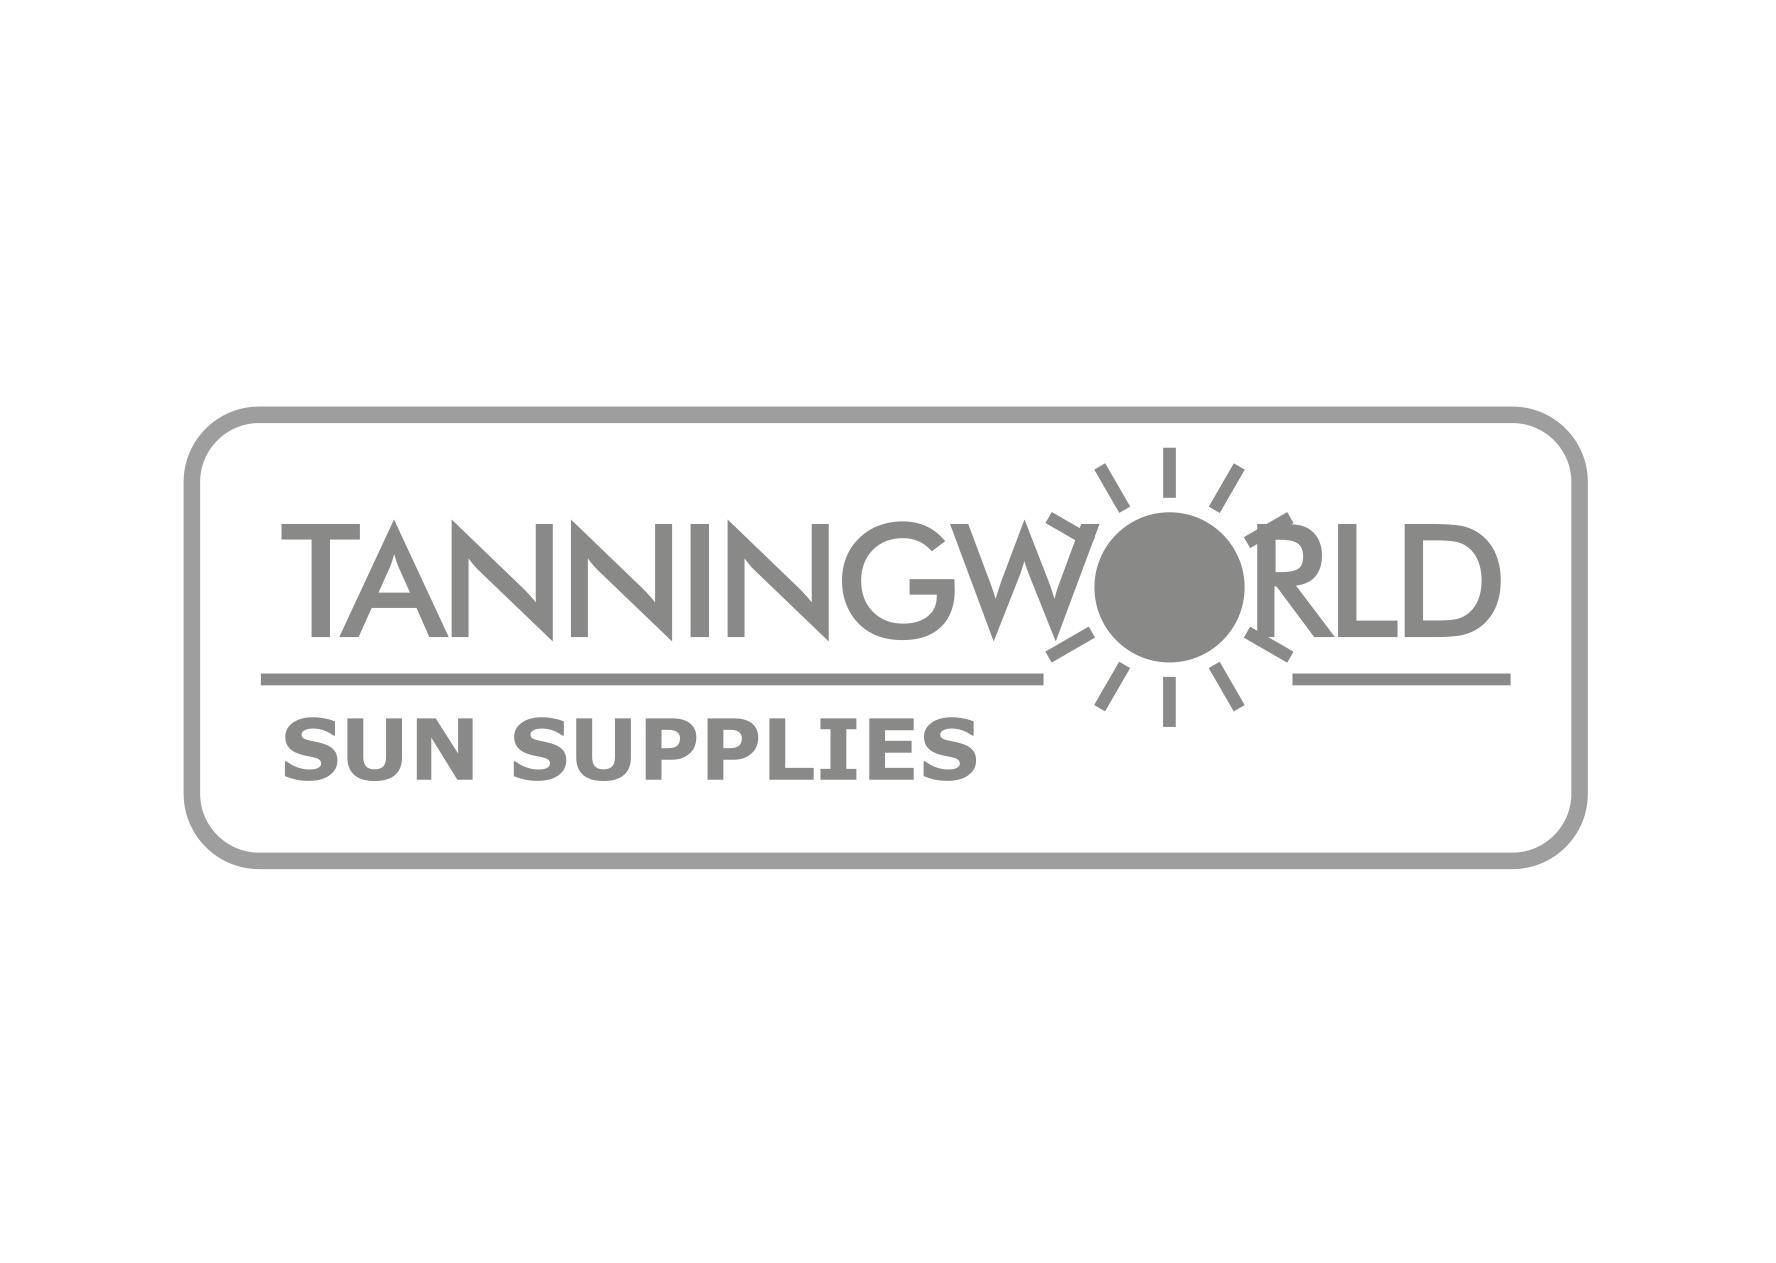 tanningworldsunsupplies